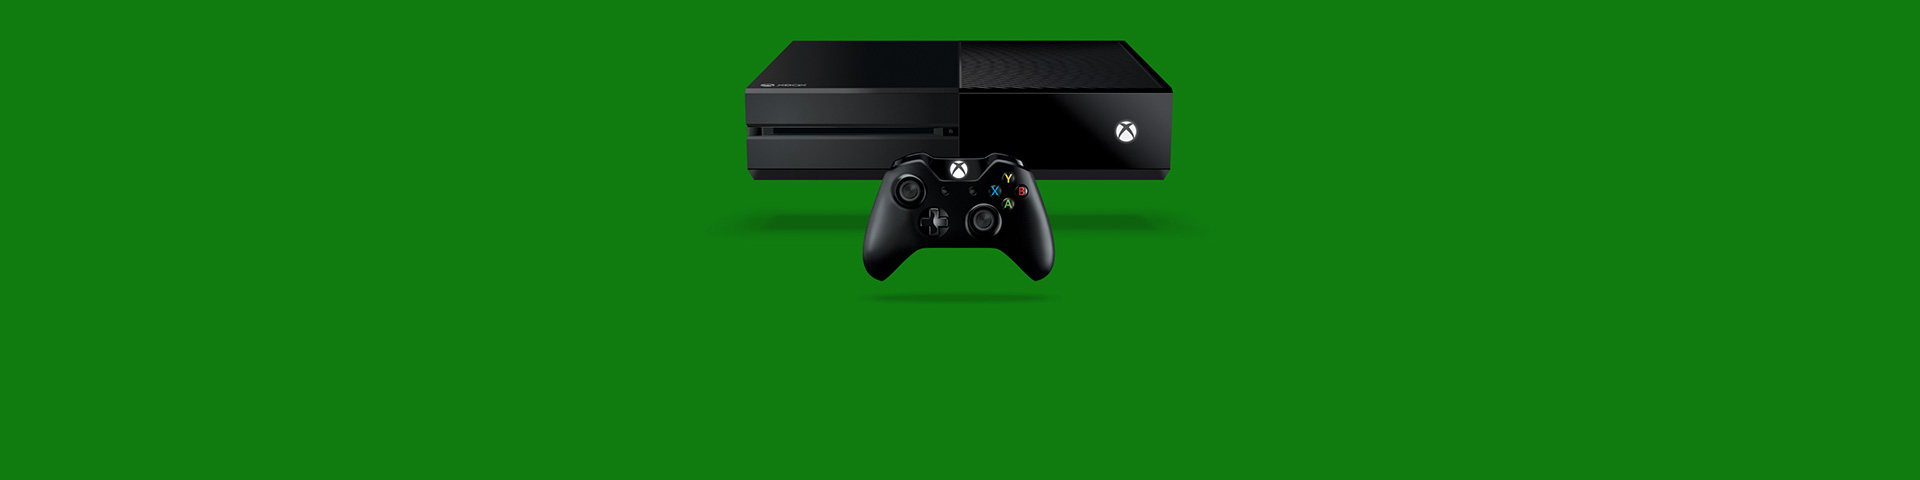 Console e controller Xbox One, acquista le nuove console